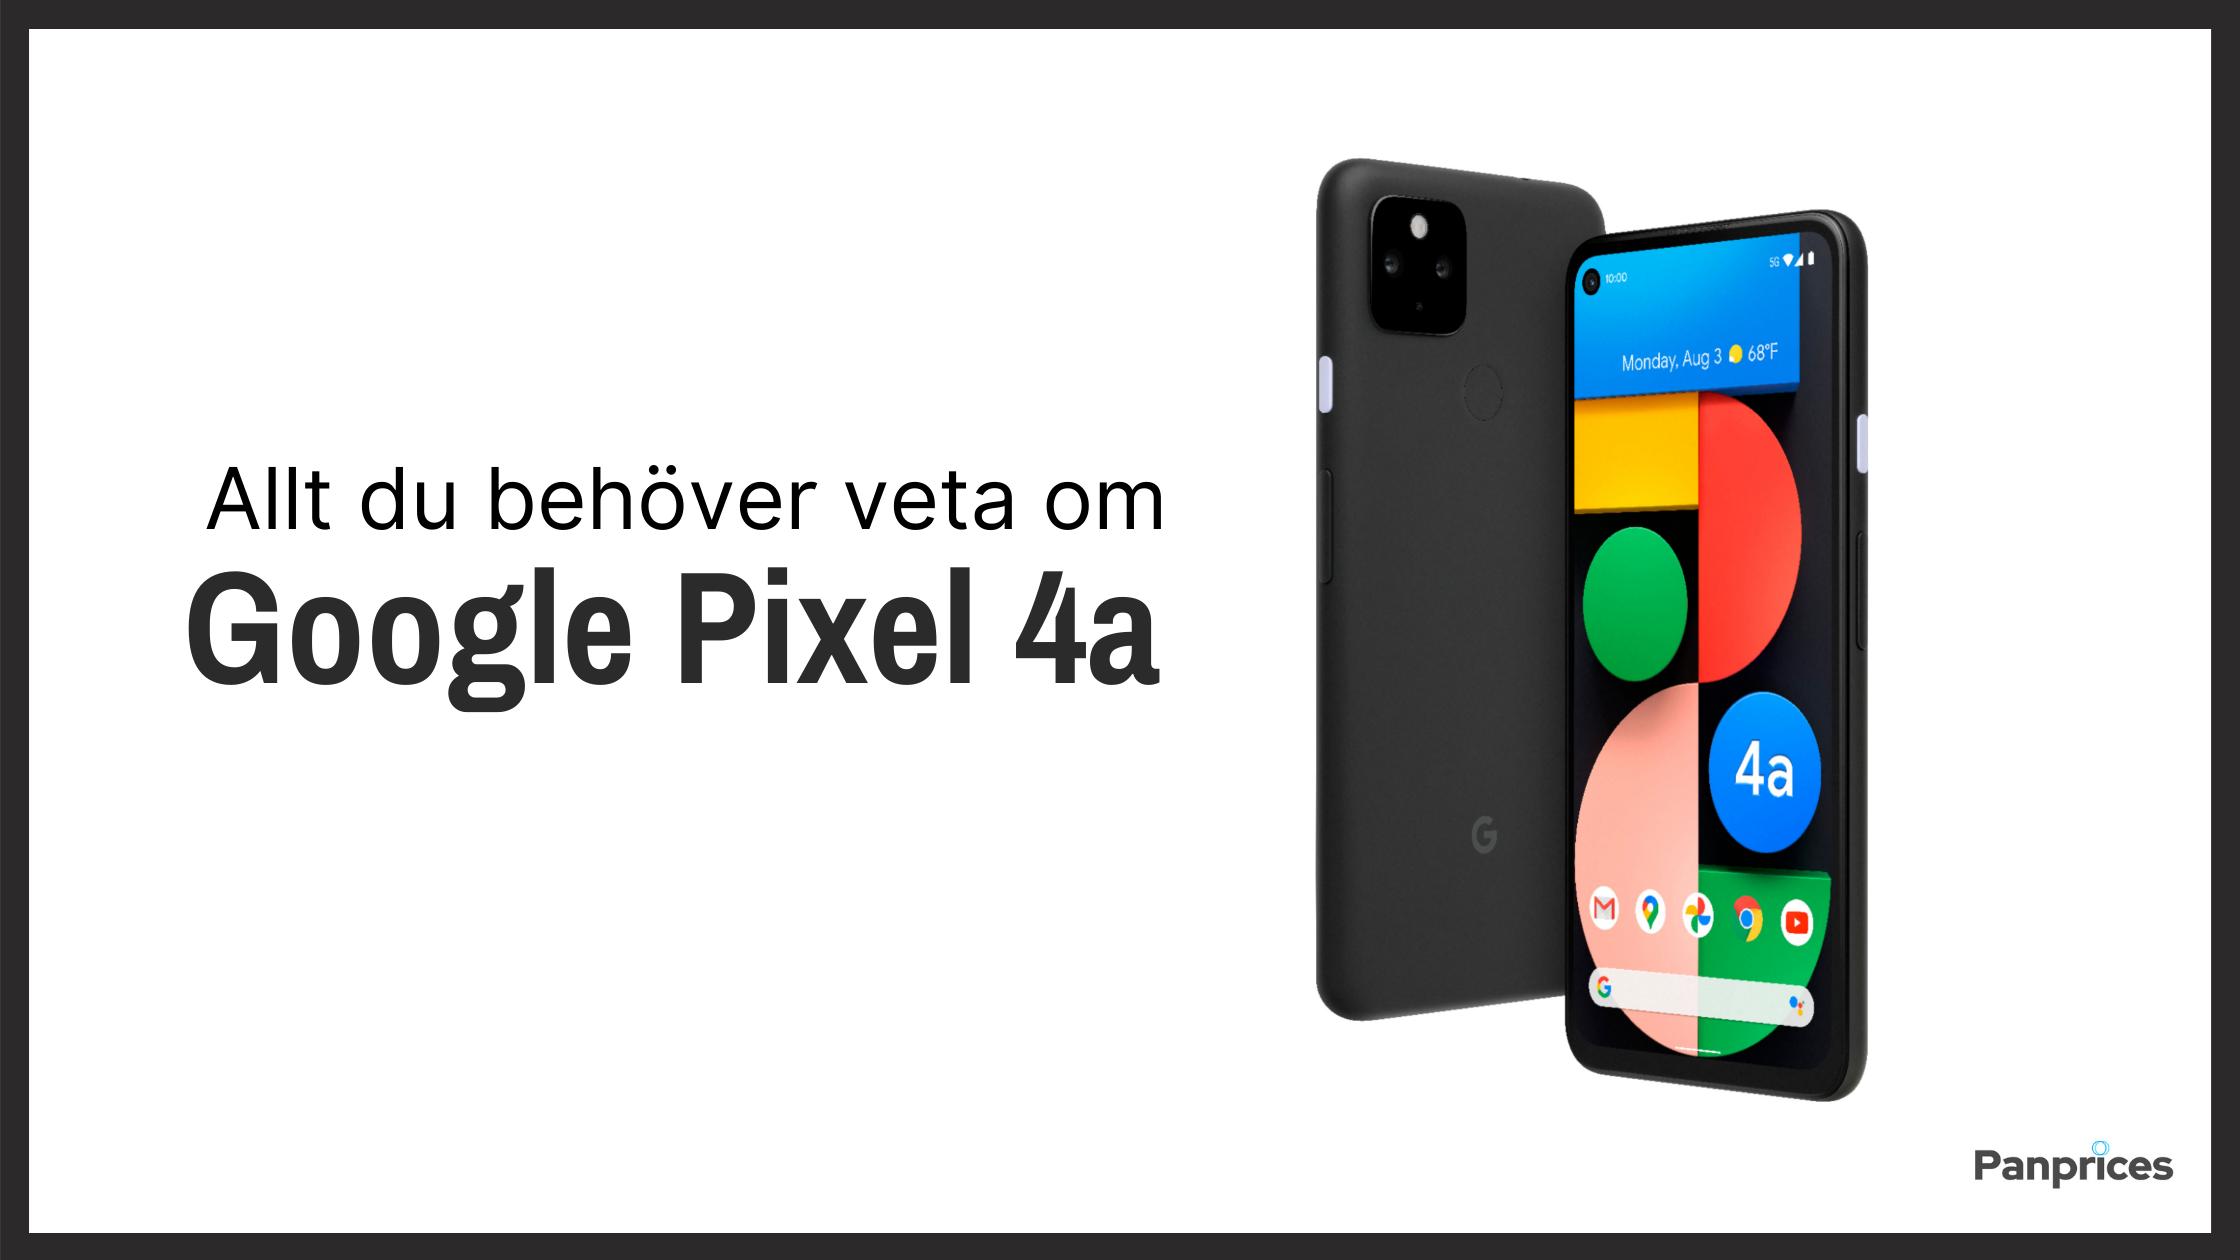 Allt du behöver veta om Google Pixel 4a